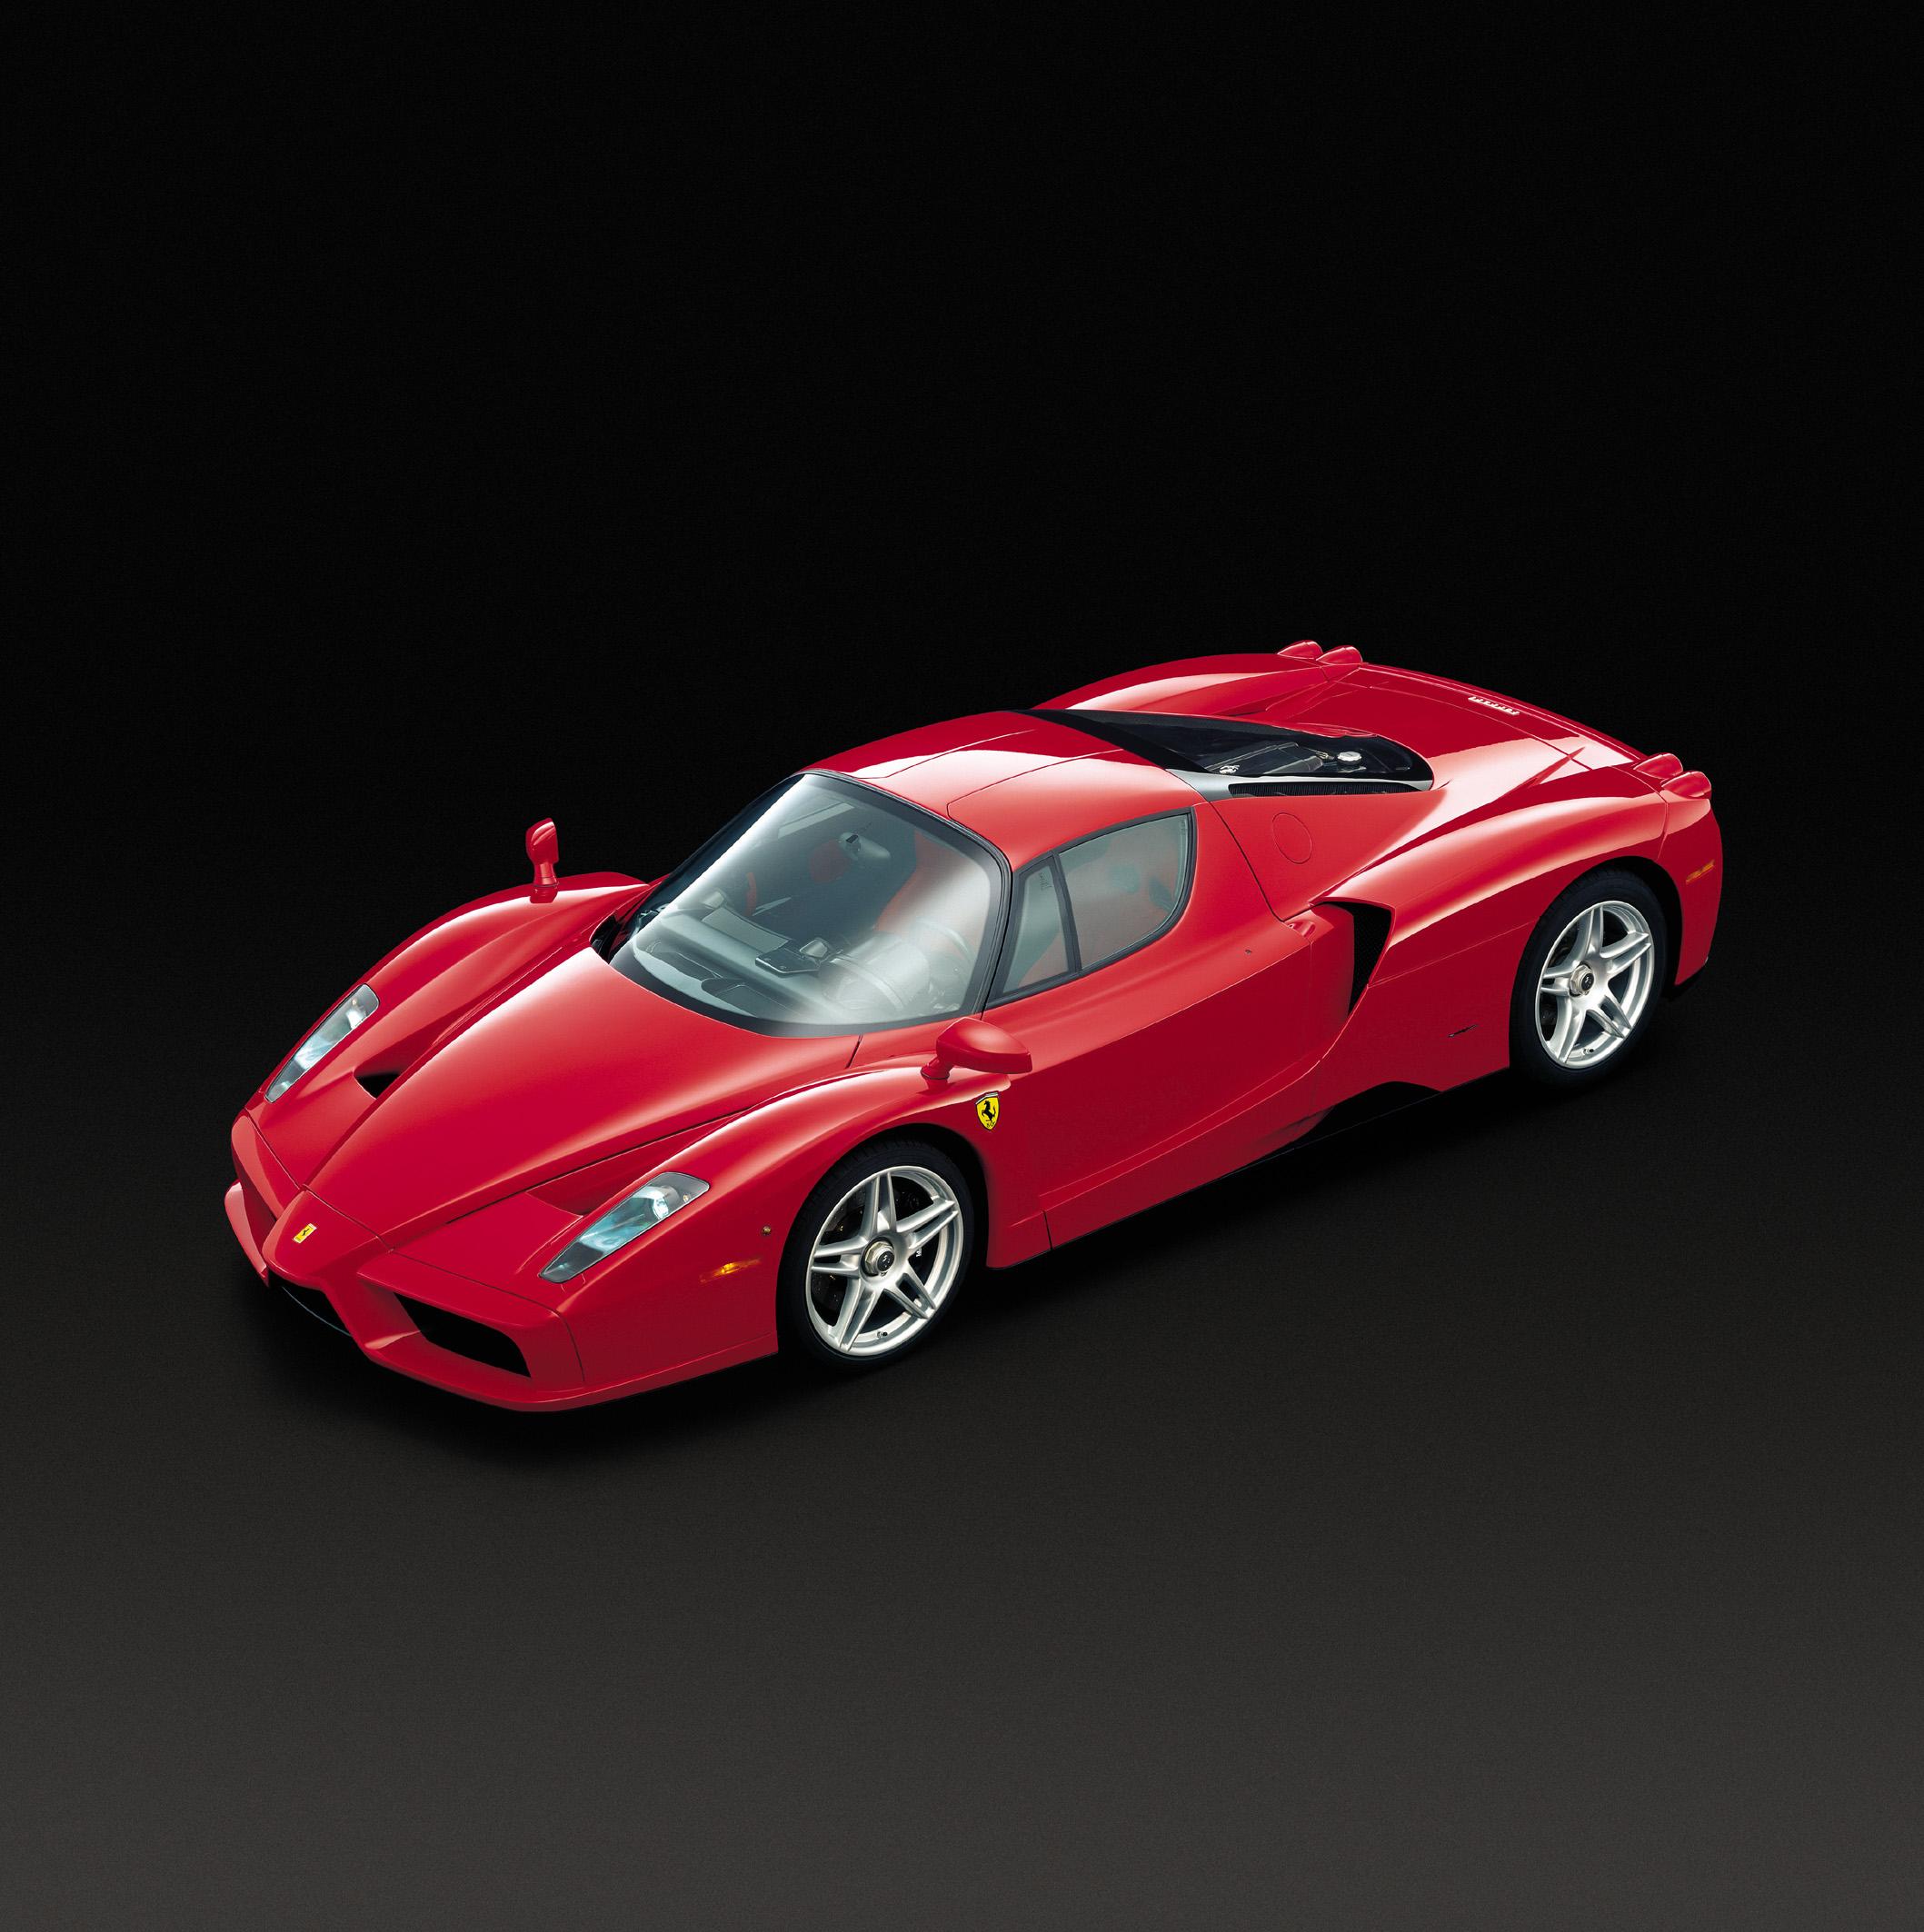 La Ferrari Enzo 2002